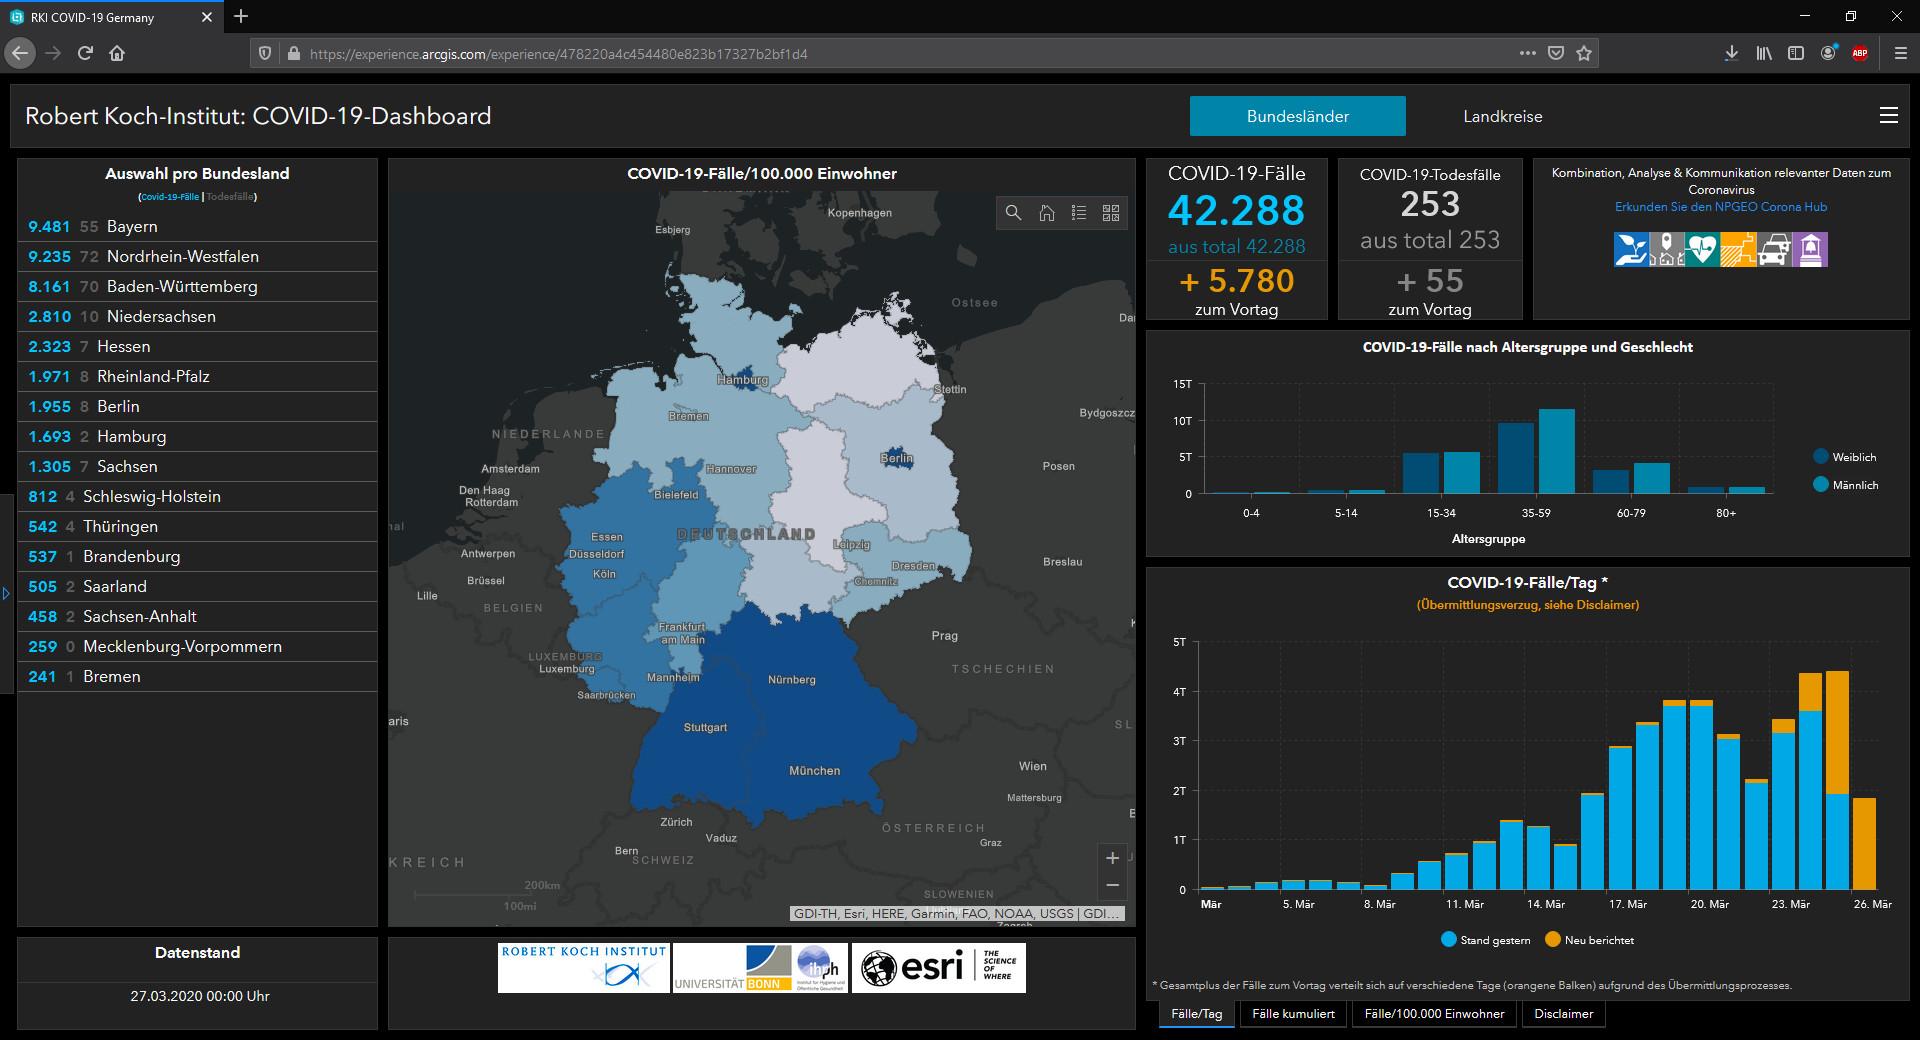 Screenshot 1 - Coronavirus-Live-Karte für Deutschland